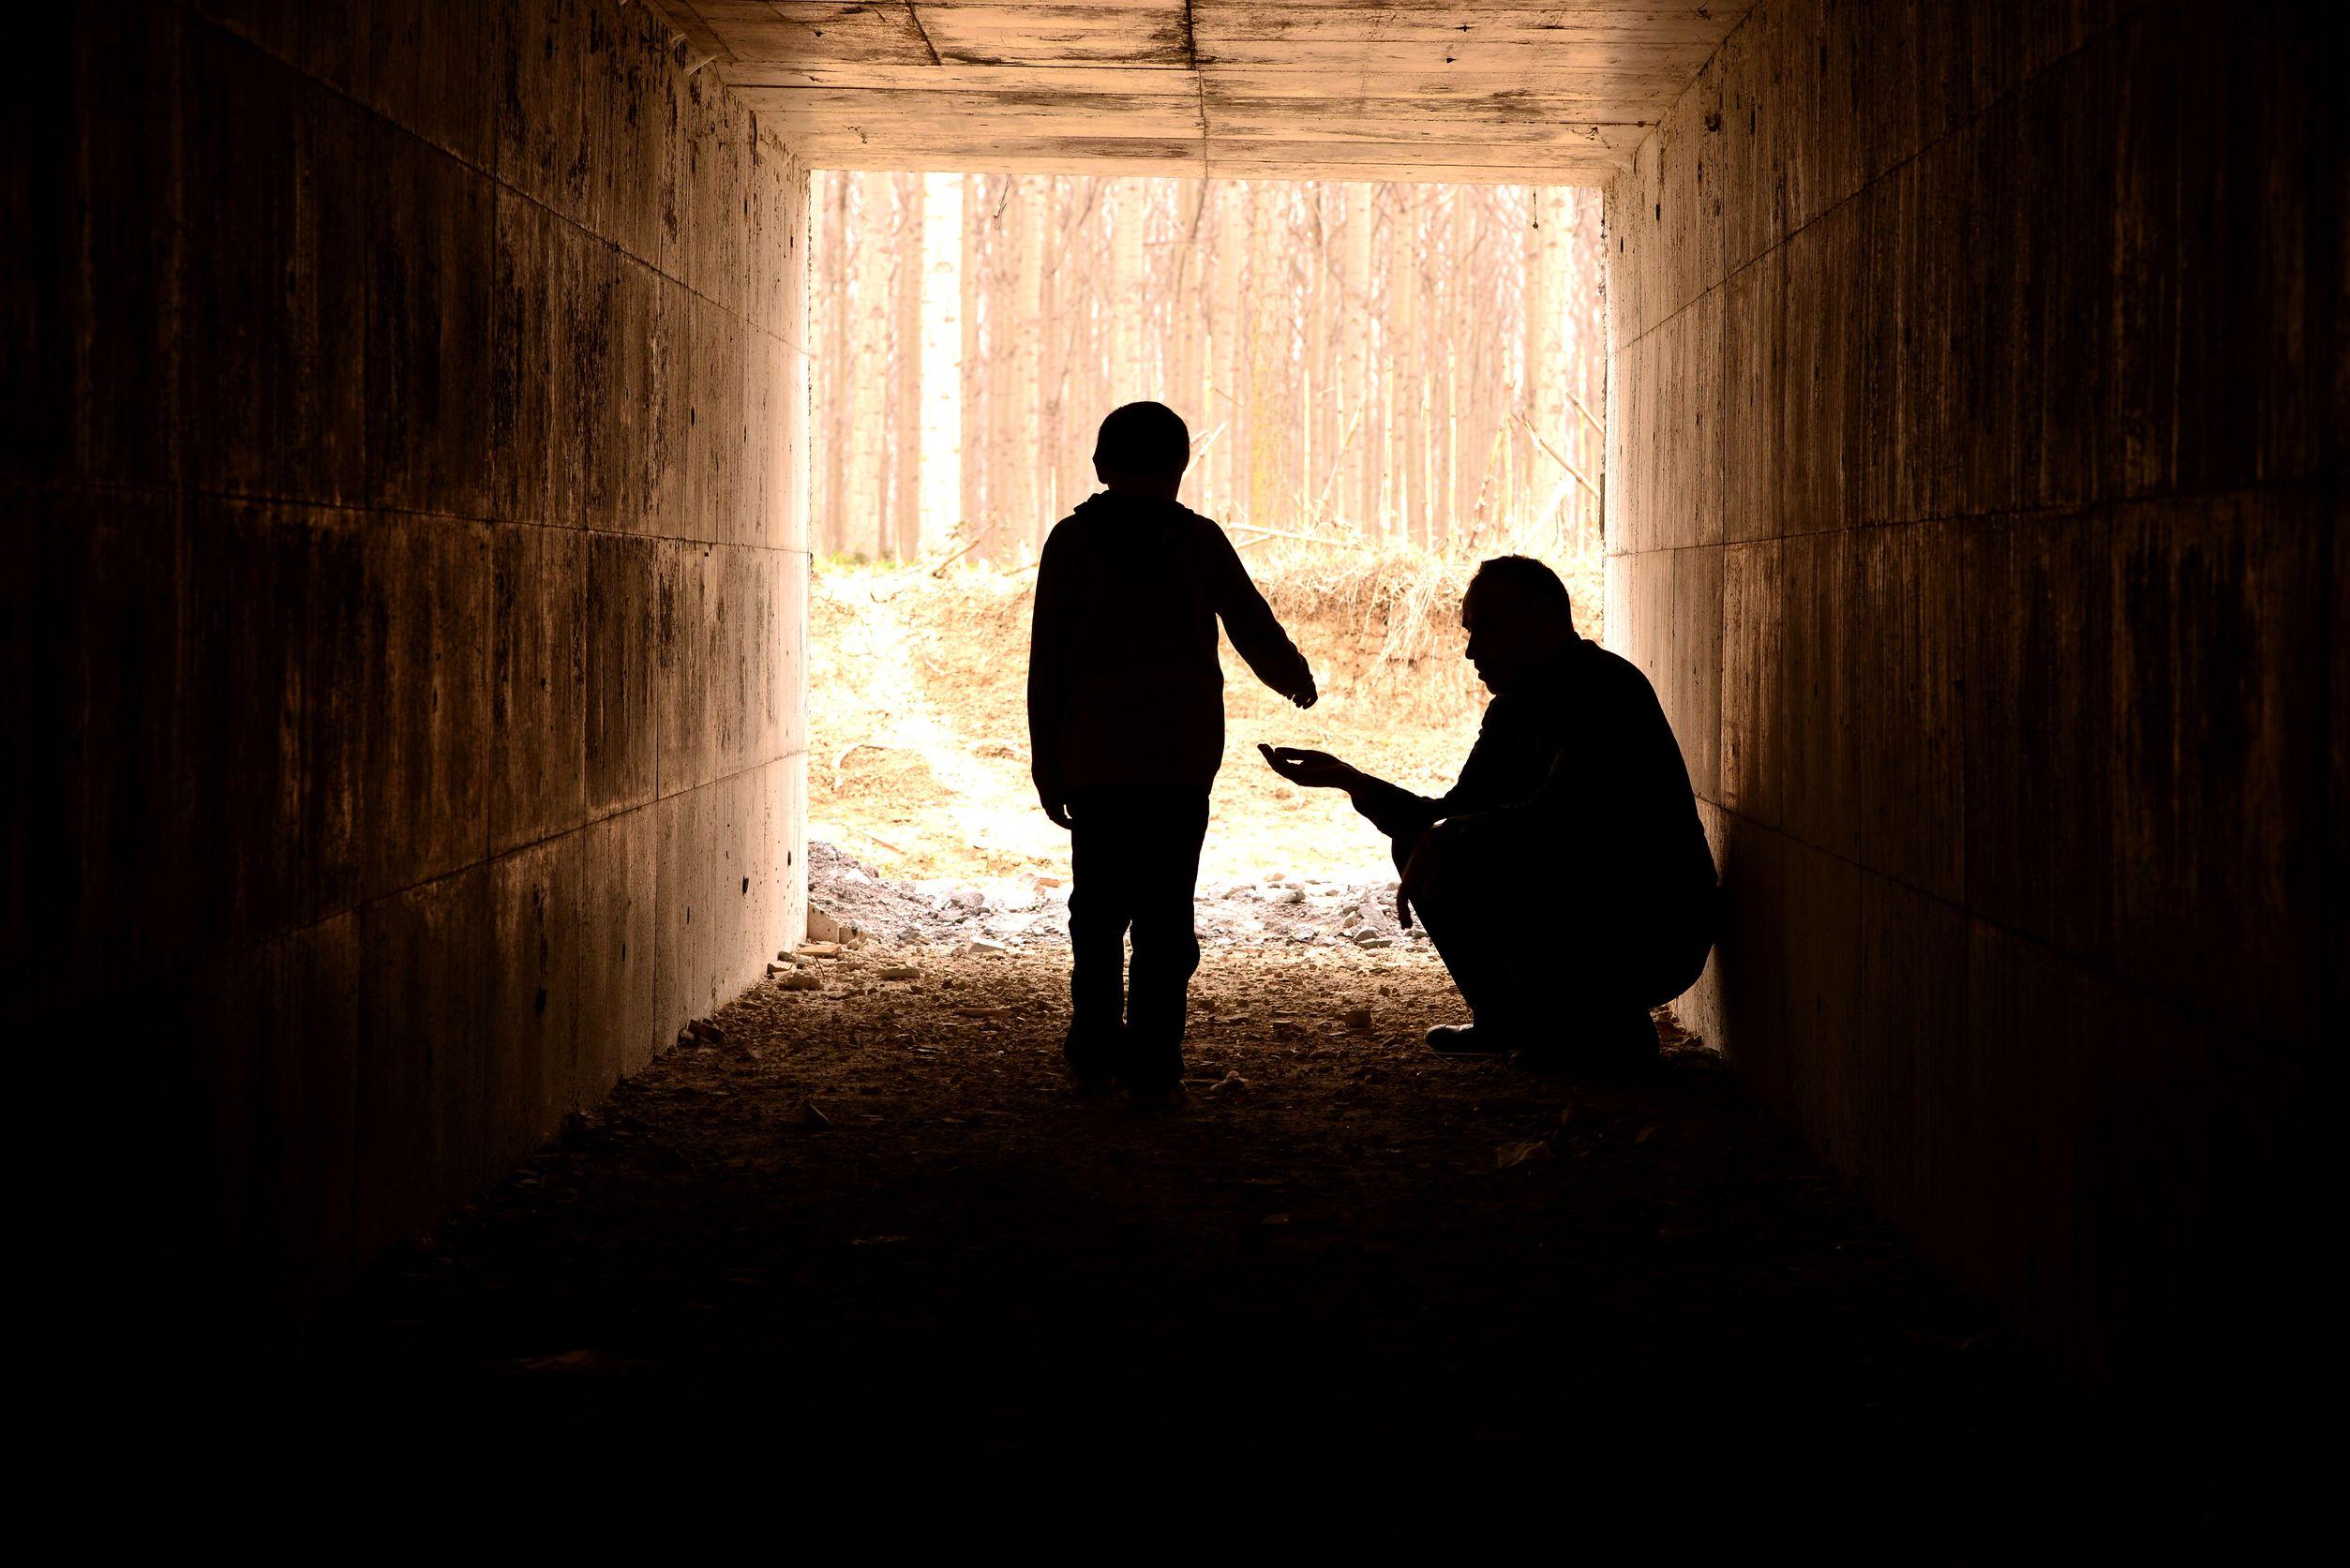 Silhueta de uma criança dando uma moeda para um homem que esta agachado, ambos embaixo de um túnel